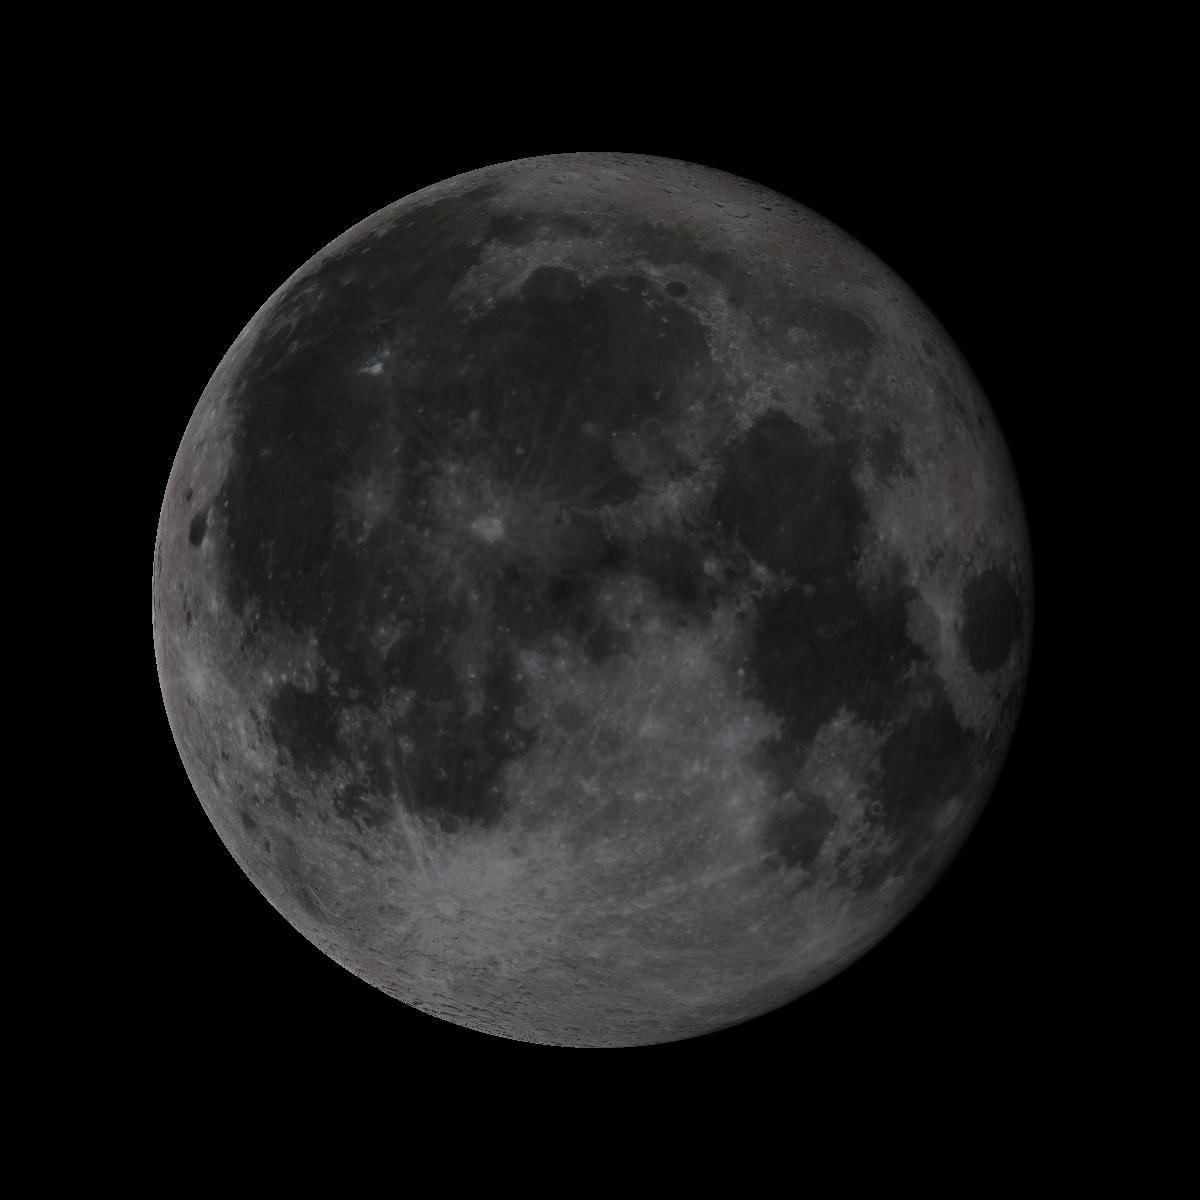 Lune du 15 octobre 2019